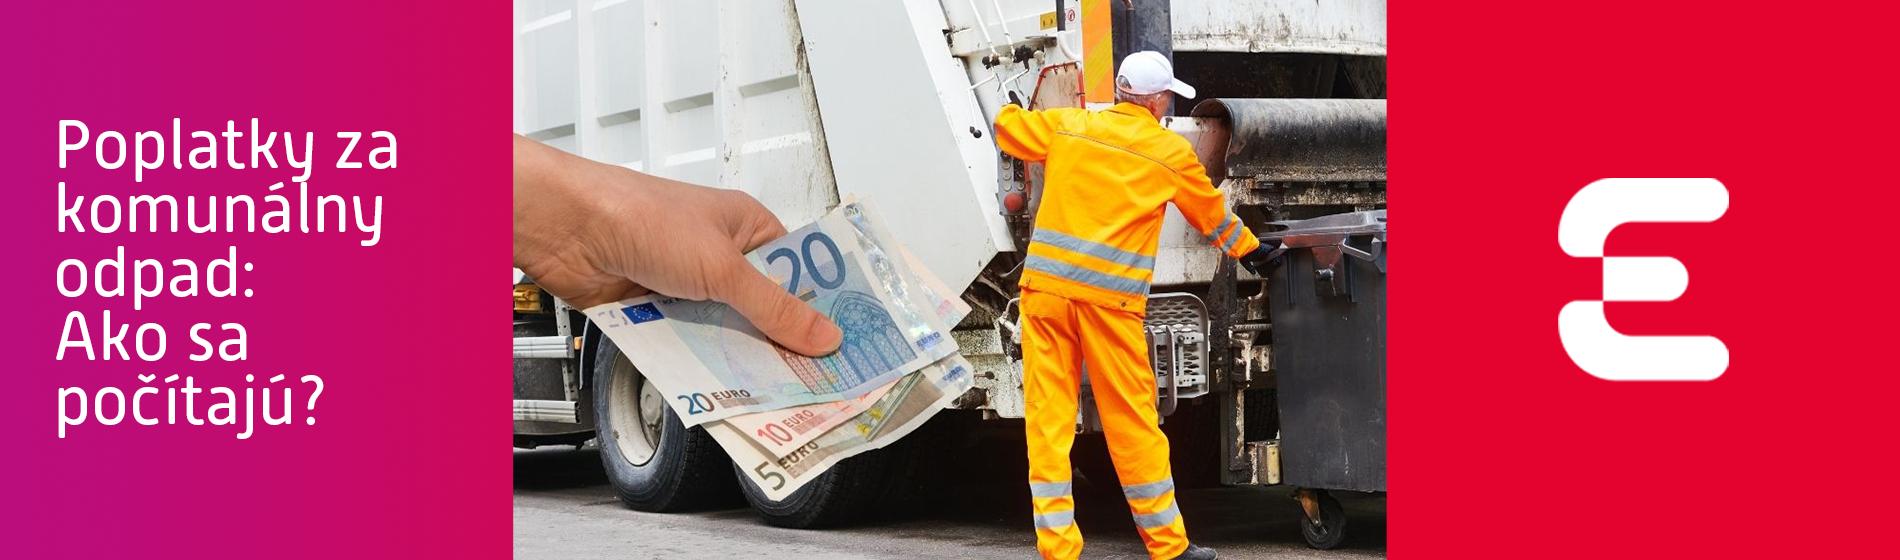 Poplatky za komunálny odpad: Ako sa počítajú?